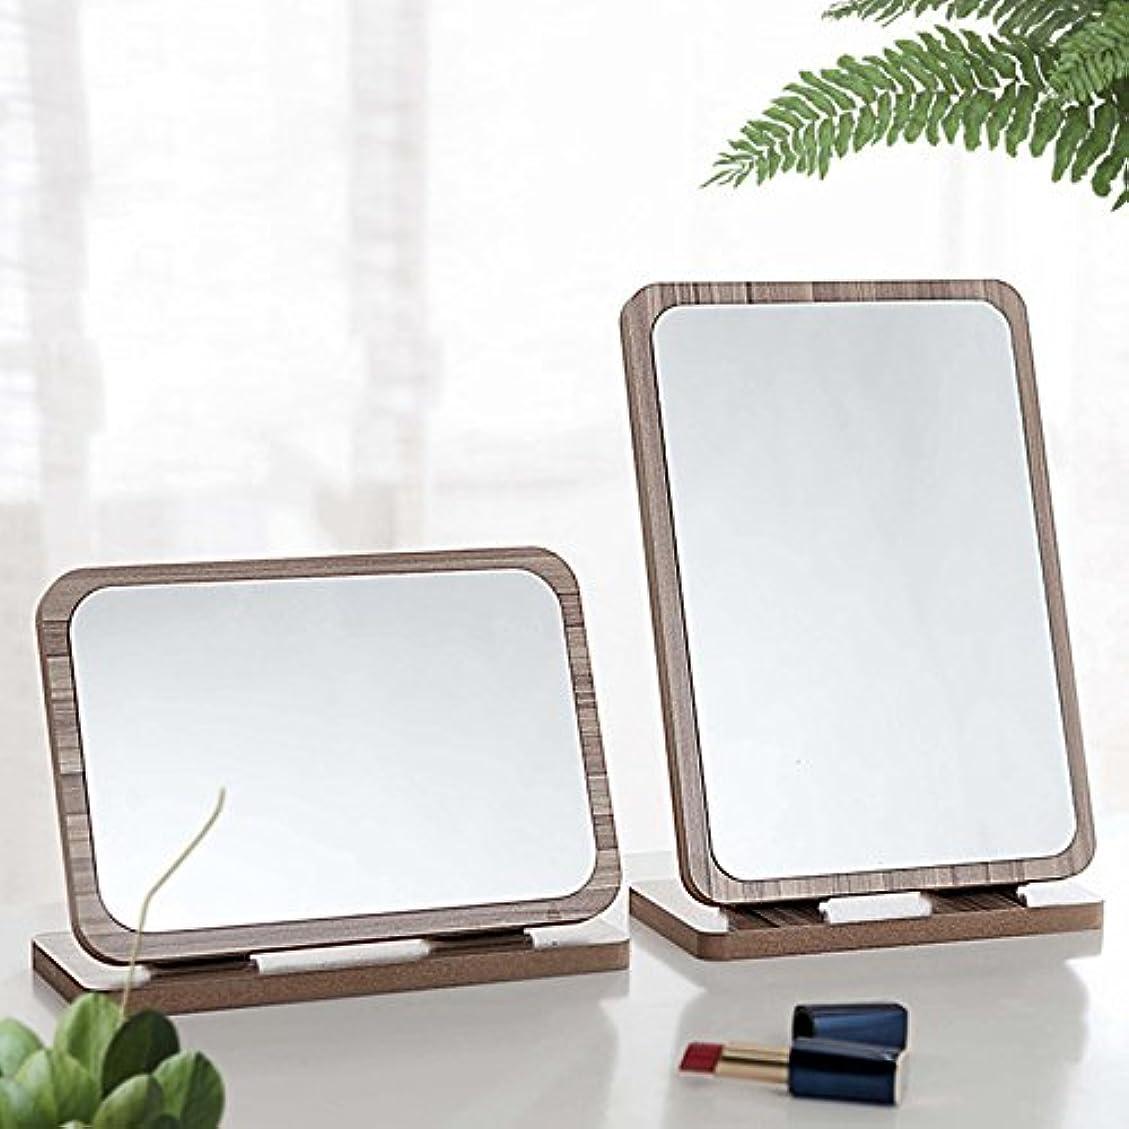 はい宿題槍YZUEYT デスクトップ木製の化粧鏡3倍拡大180度回転ポータブルバニティバスルームメイクツール YZUEYT (Color : NO. 10#)